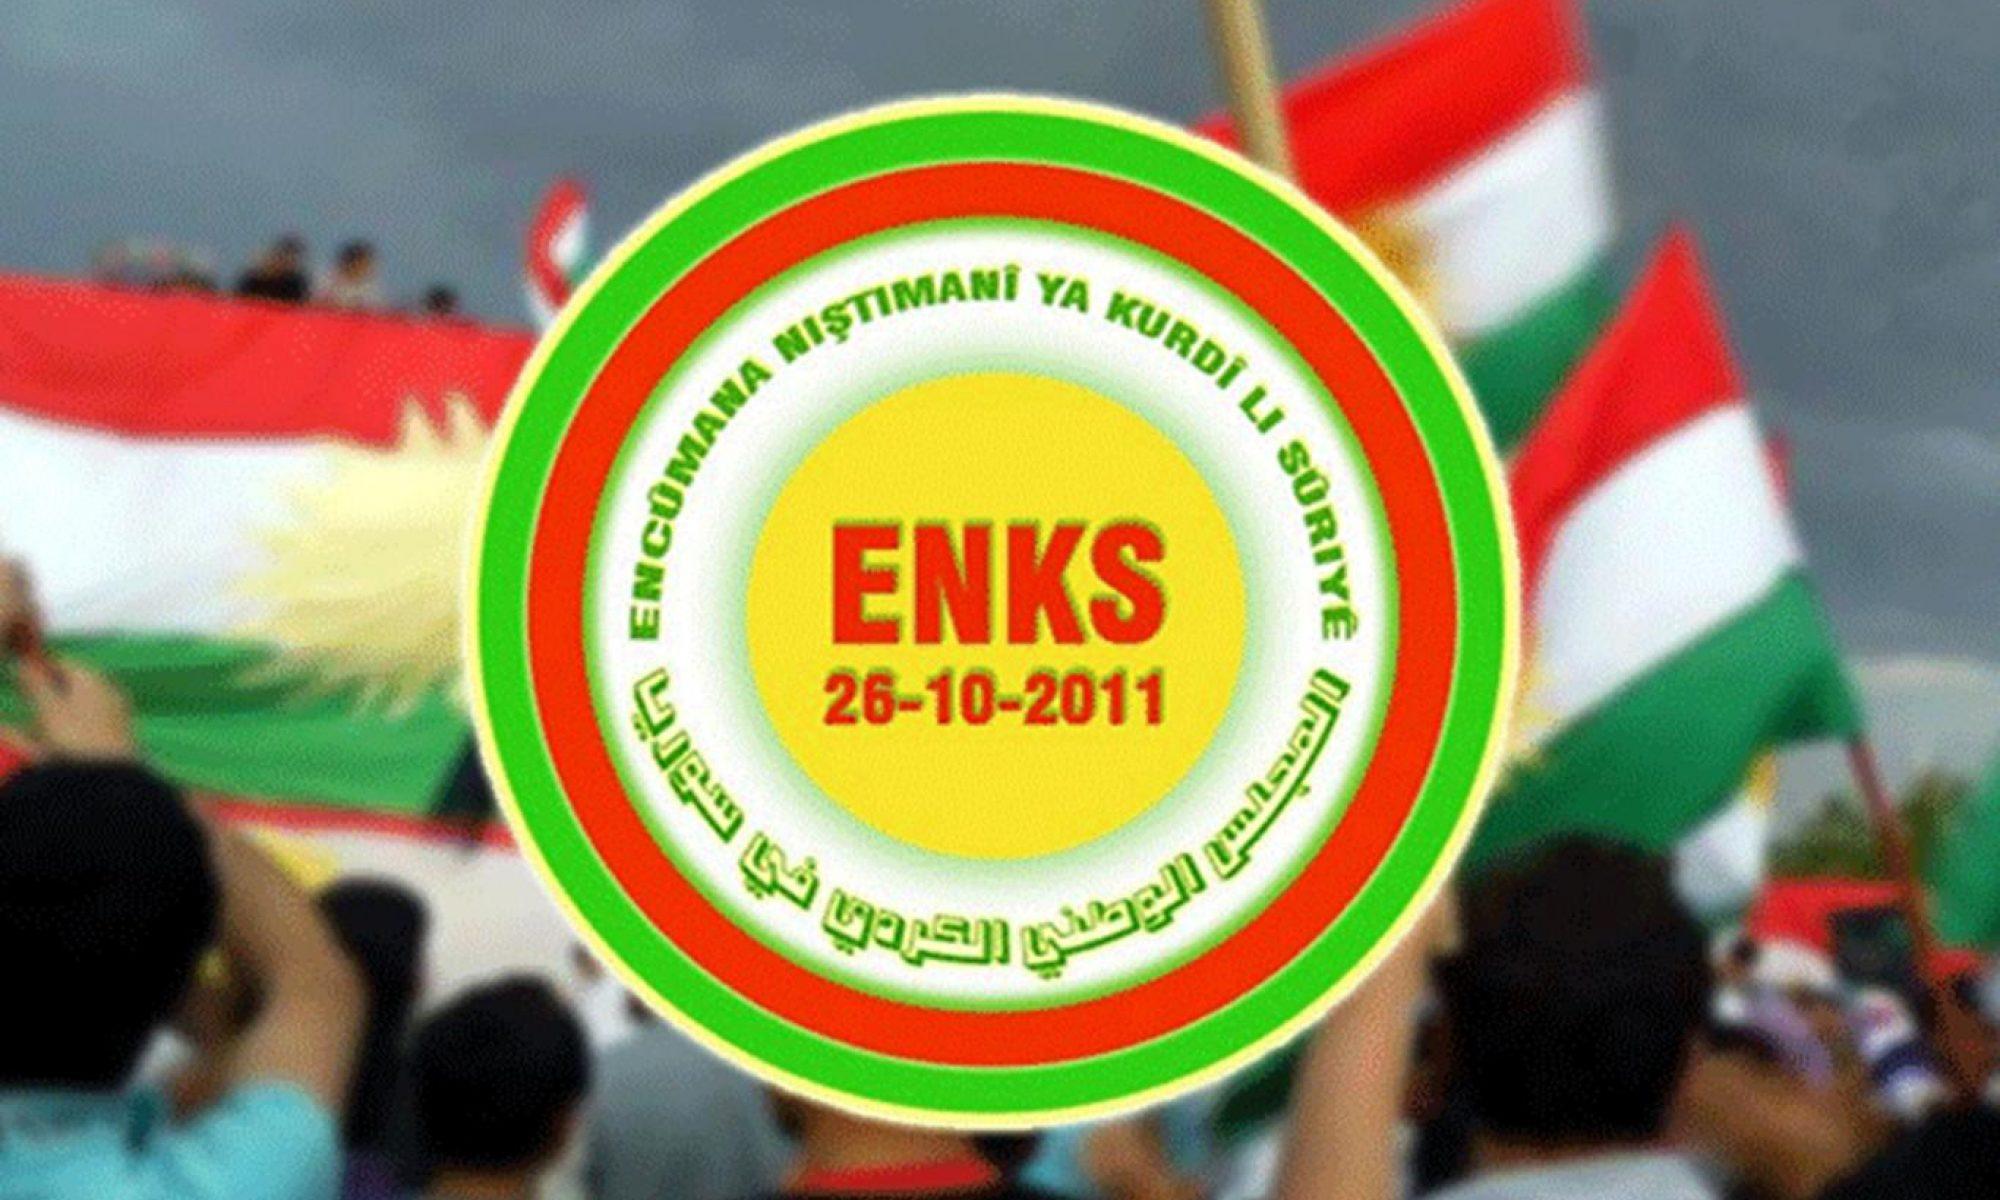 ENKS'den Çavuşoğluna cevap: 'Kimse Efrin, Serêkaniyê, Girî Spî'deki demografik değişimi hatırlatmıyor'